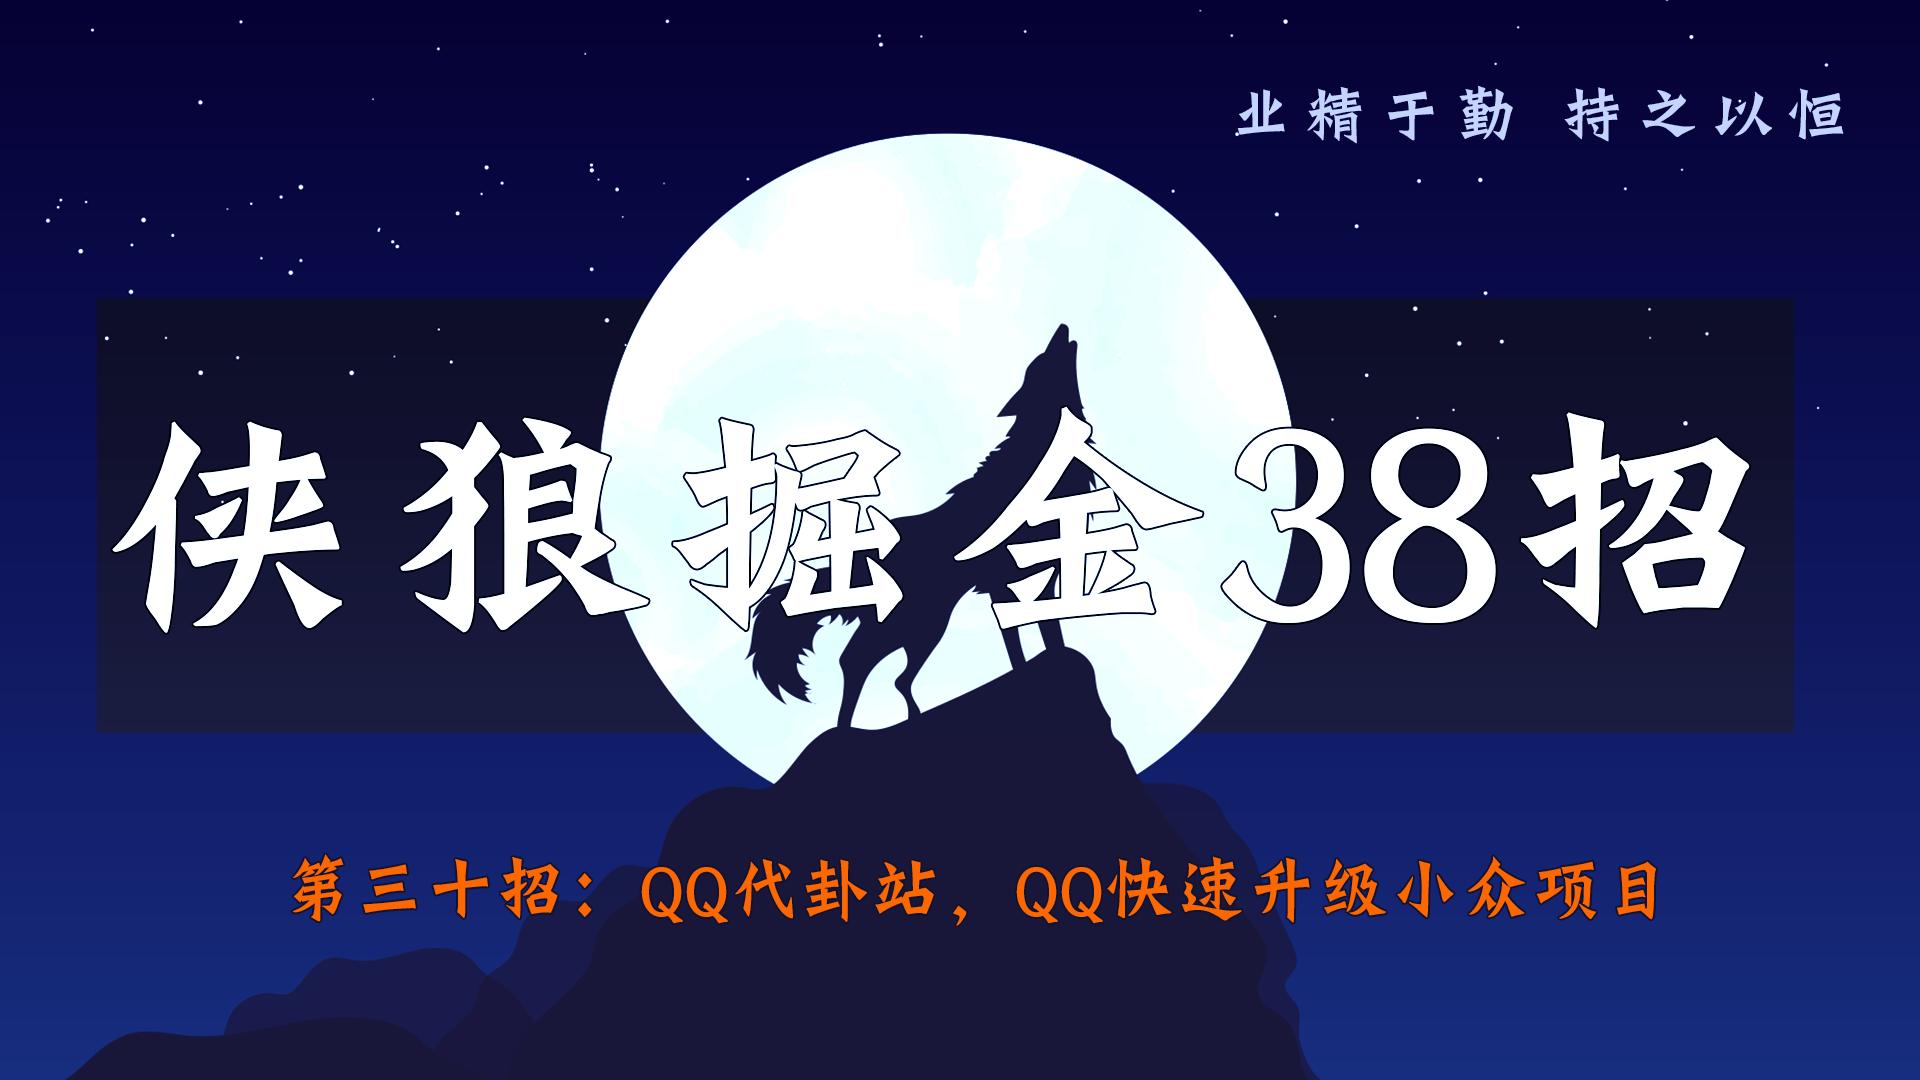 侠狼掘金38招第30招QQ代卦站,QQ快速升级小众项目